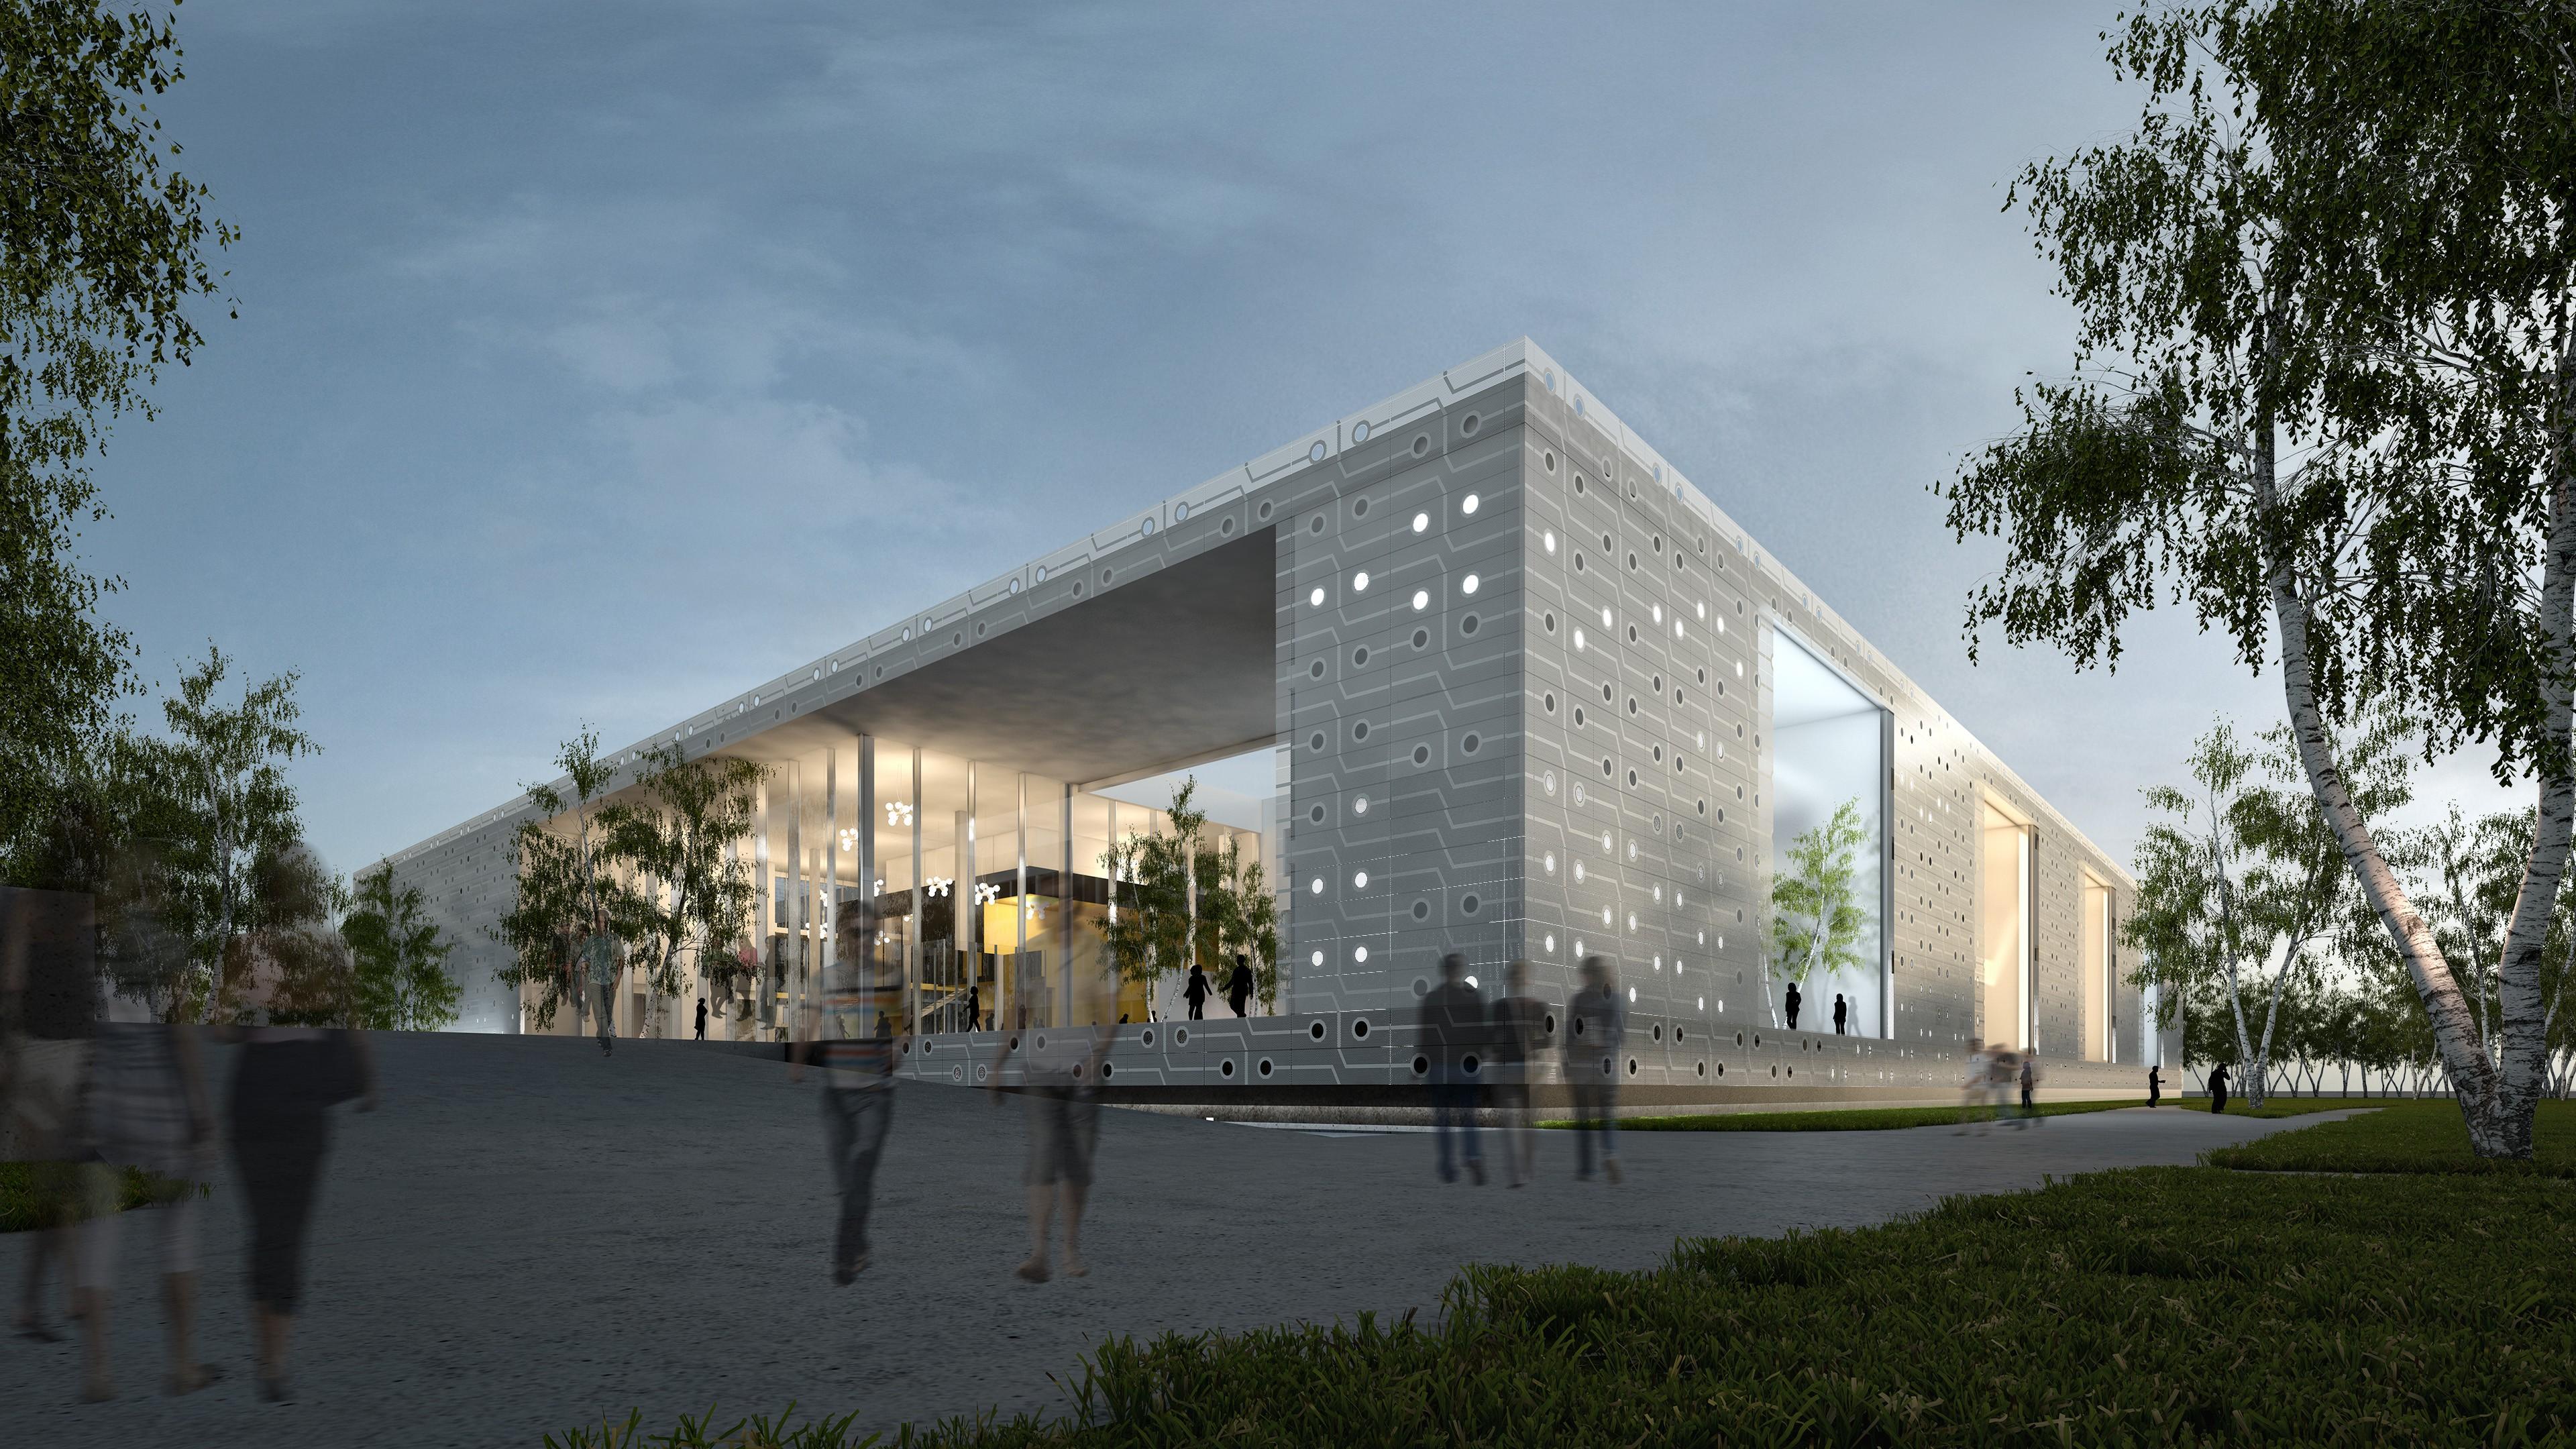 Institut Supérieur De Design Valenciennes serre numérique | linkedin